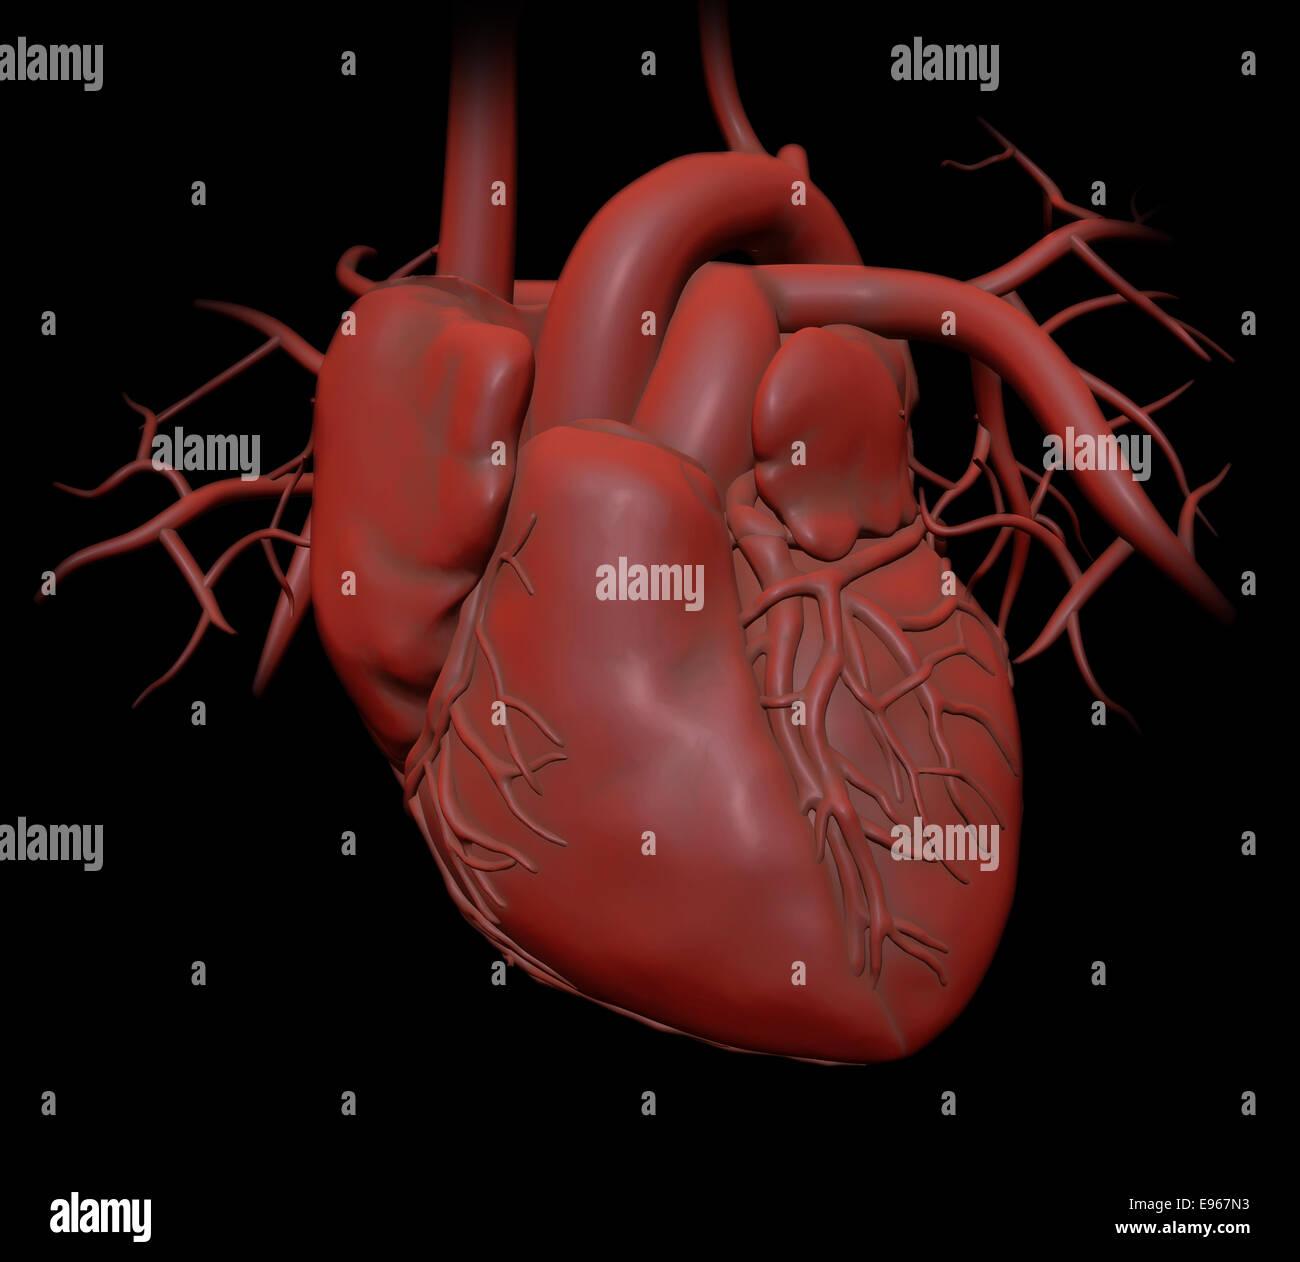 Menschliches Herz - Kardiologie Gesundheitswesen Abbildung Stockbild